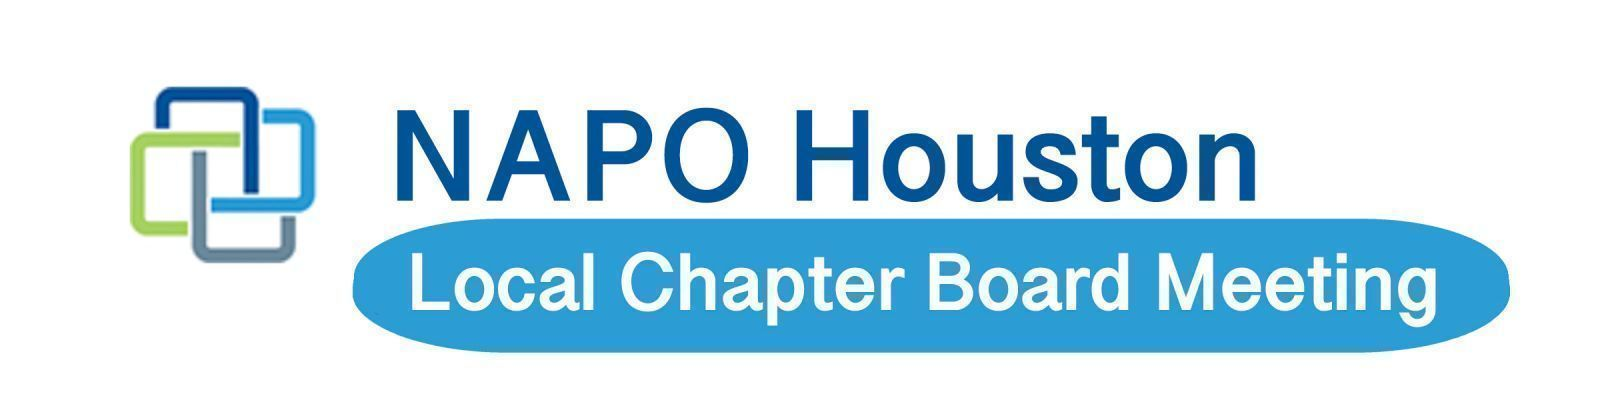 Board Meeting | NAPO Houston